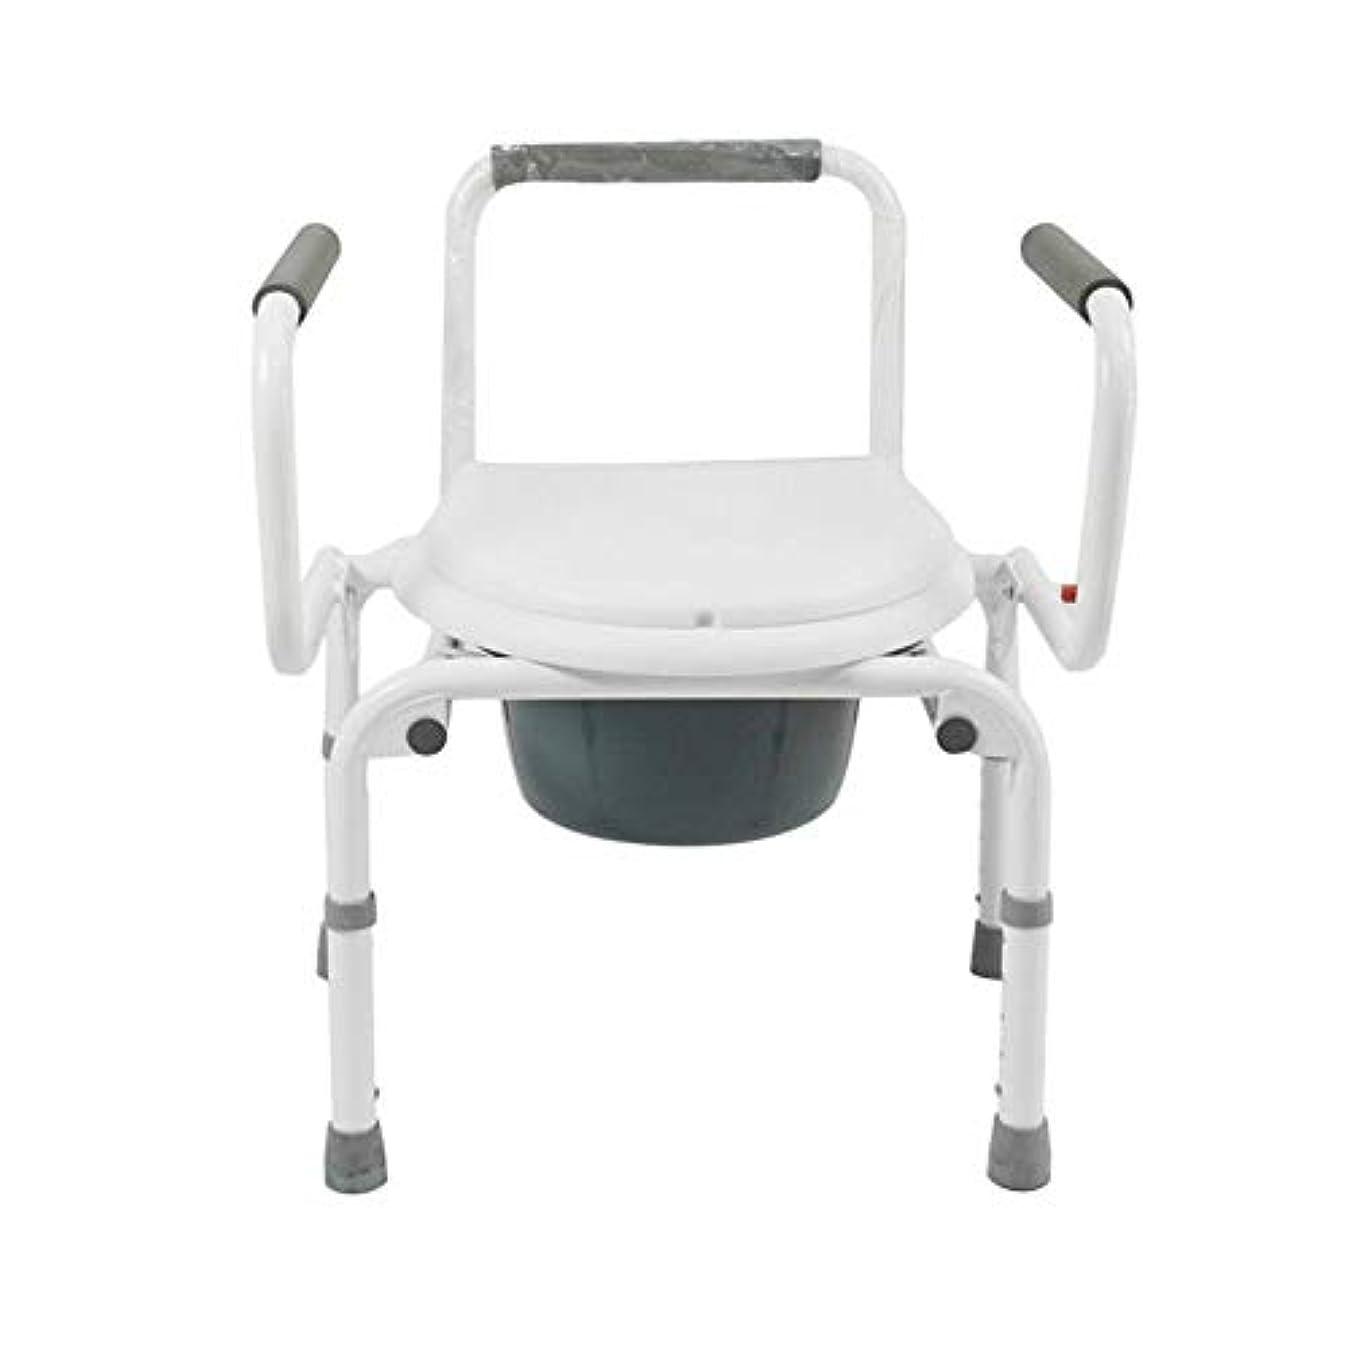 ケニア豊富本物の便器椅子折りたたみバケットモバイルトイレスツール上下調節アームレストホーム用ポータブルトイレシート